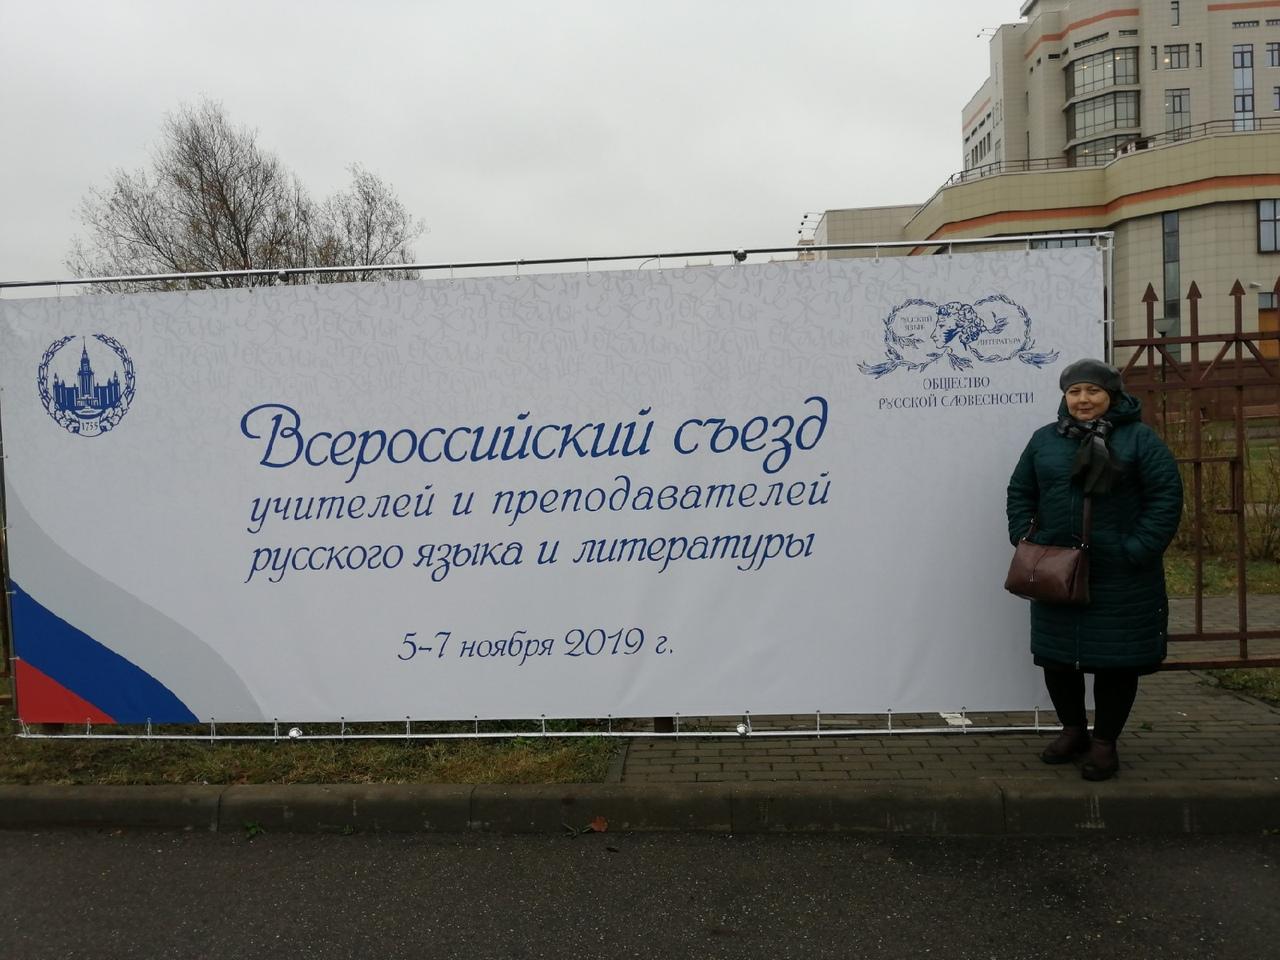 Всероссийский съезд учителей и преподавателей русского языка и литературы